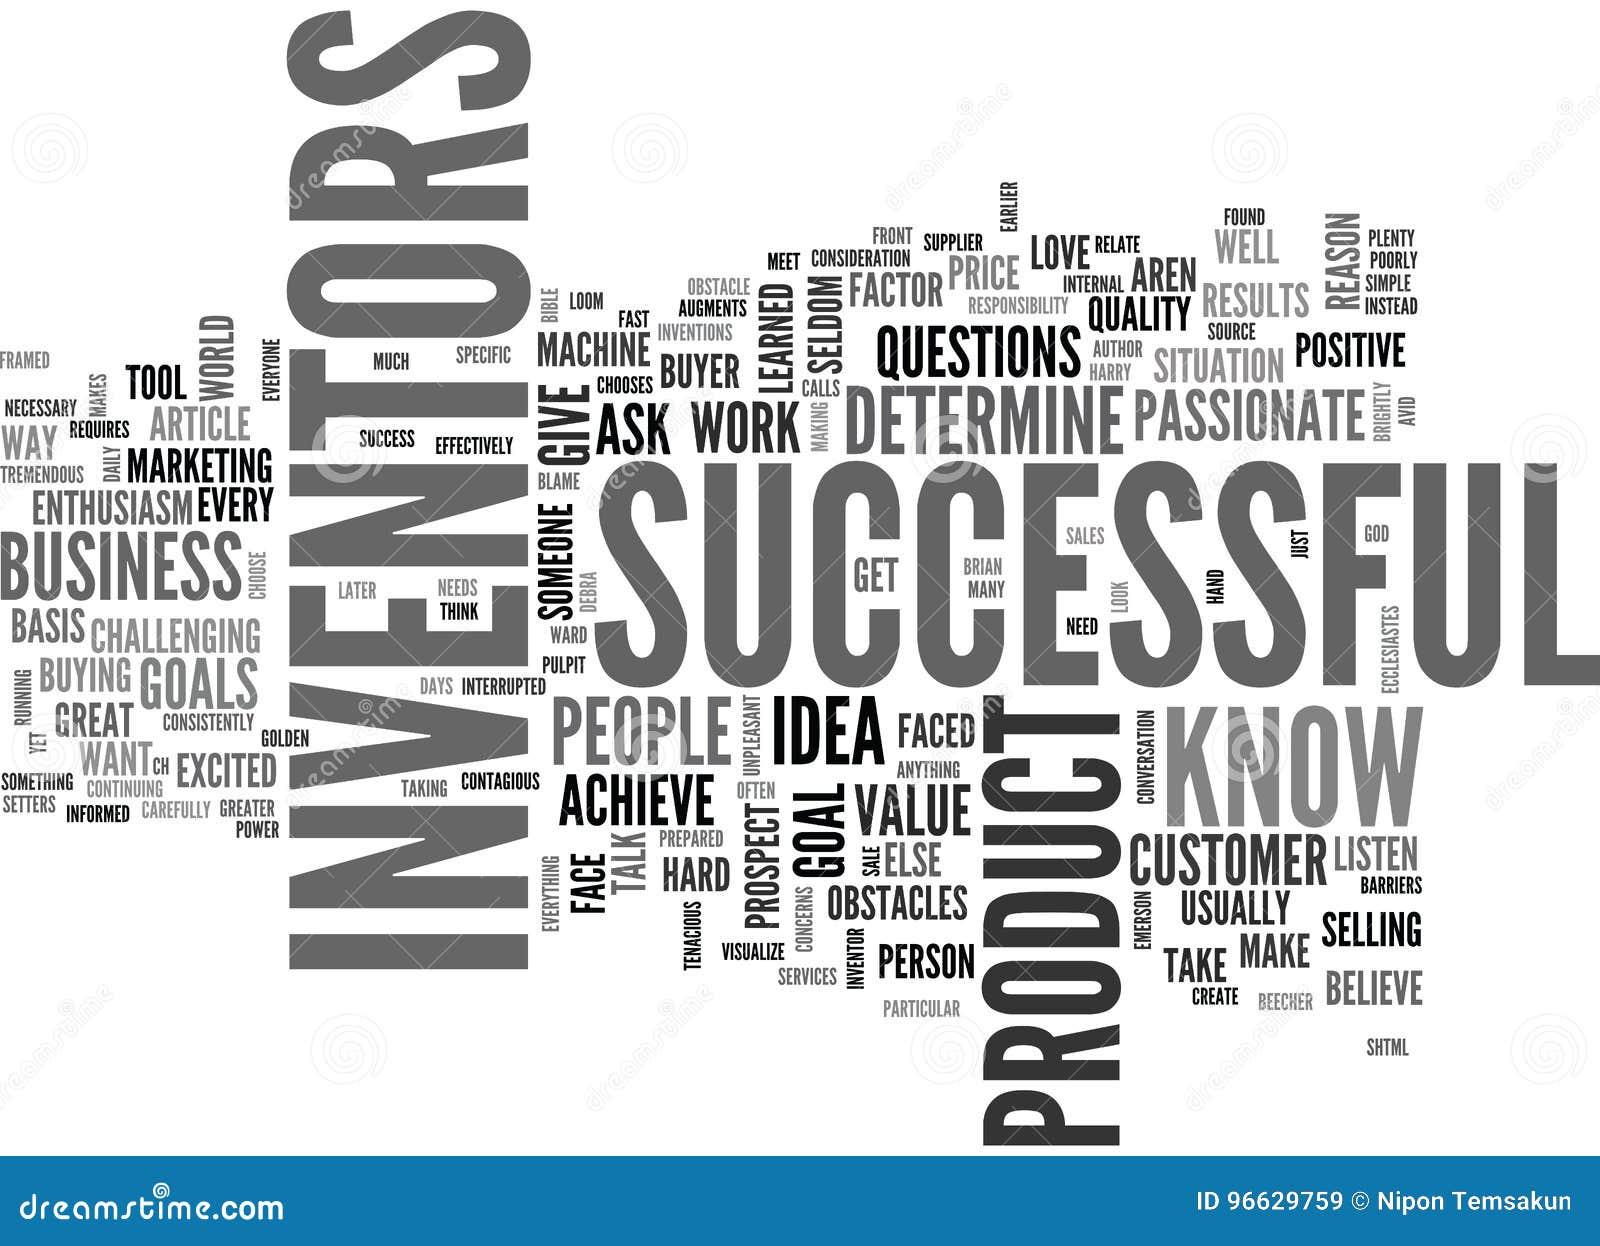 Vad gör en lyckad uppfinnare Word Cloud